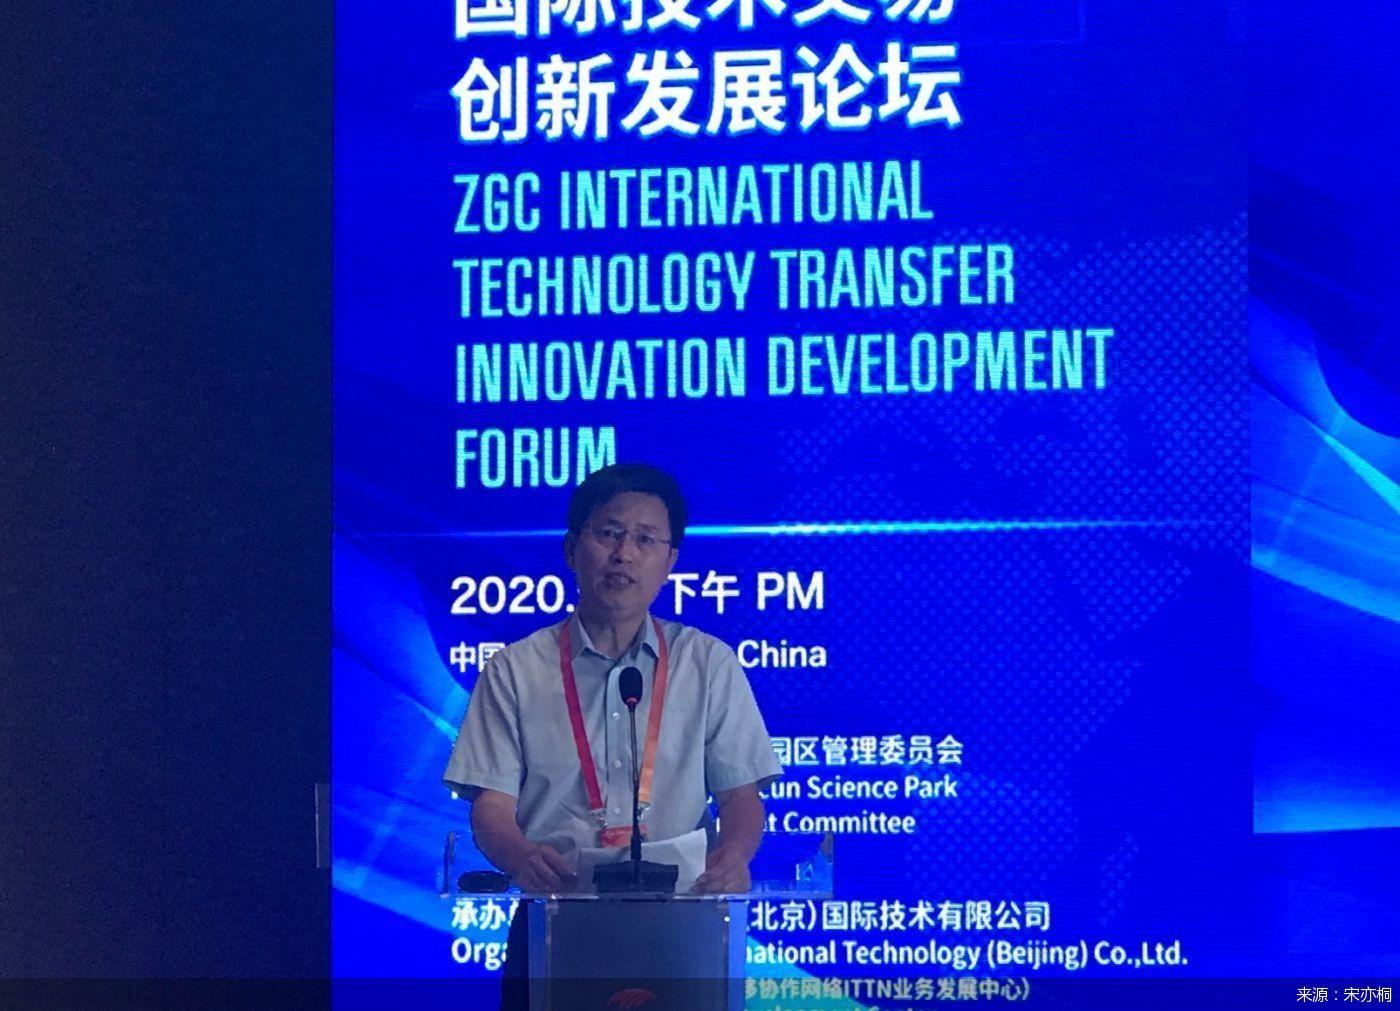 北京高校技术转移联盟副理事长杨登才:共同搭建成果转化共享服务平台